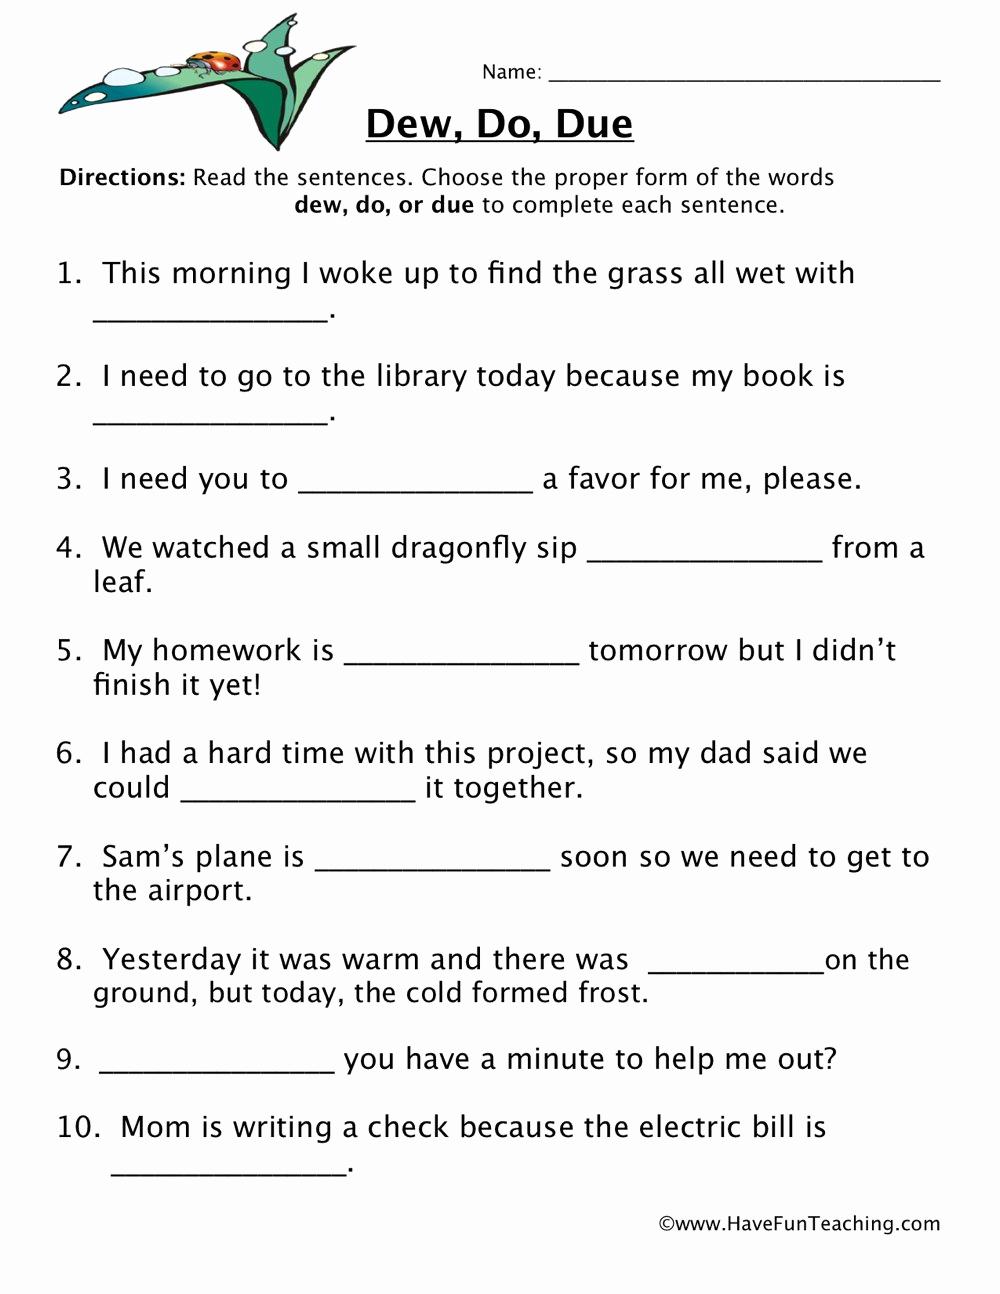 Free Homophone Worksheets Unique Homophones Worksheet 2nd Grade Freebie Teachers Pay Teachers